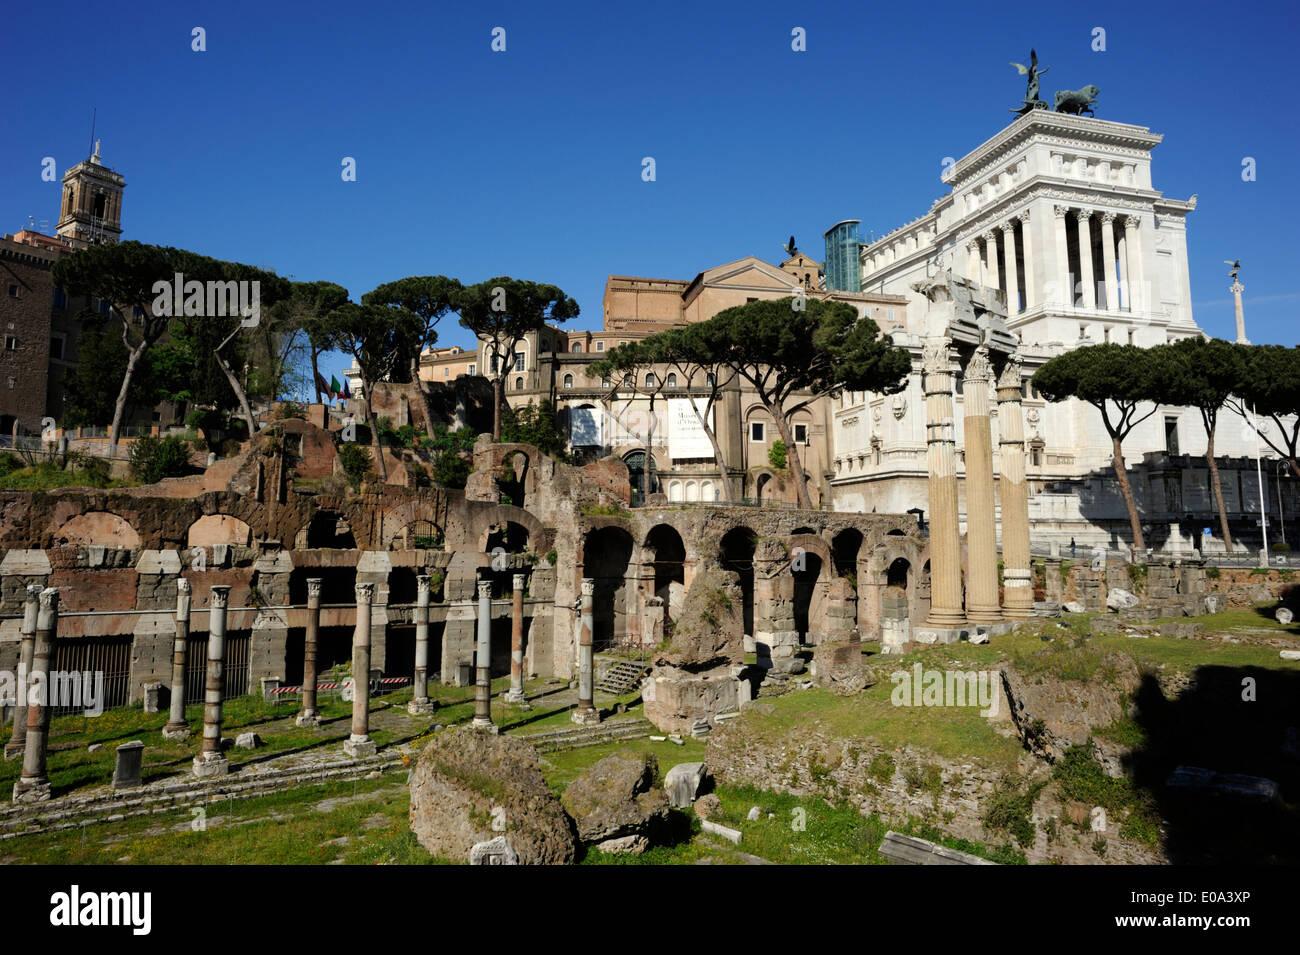 Italie, Rome, Forum de César et vittoriano Photo Stock